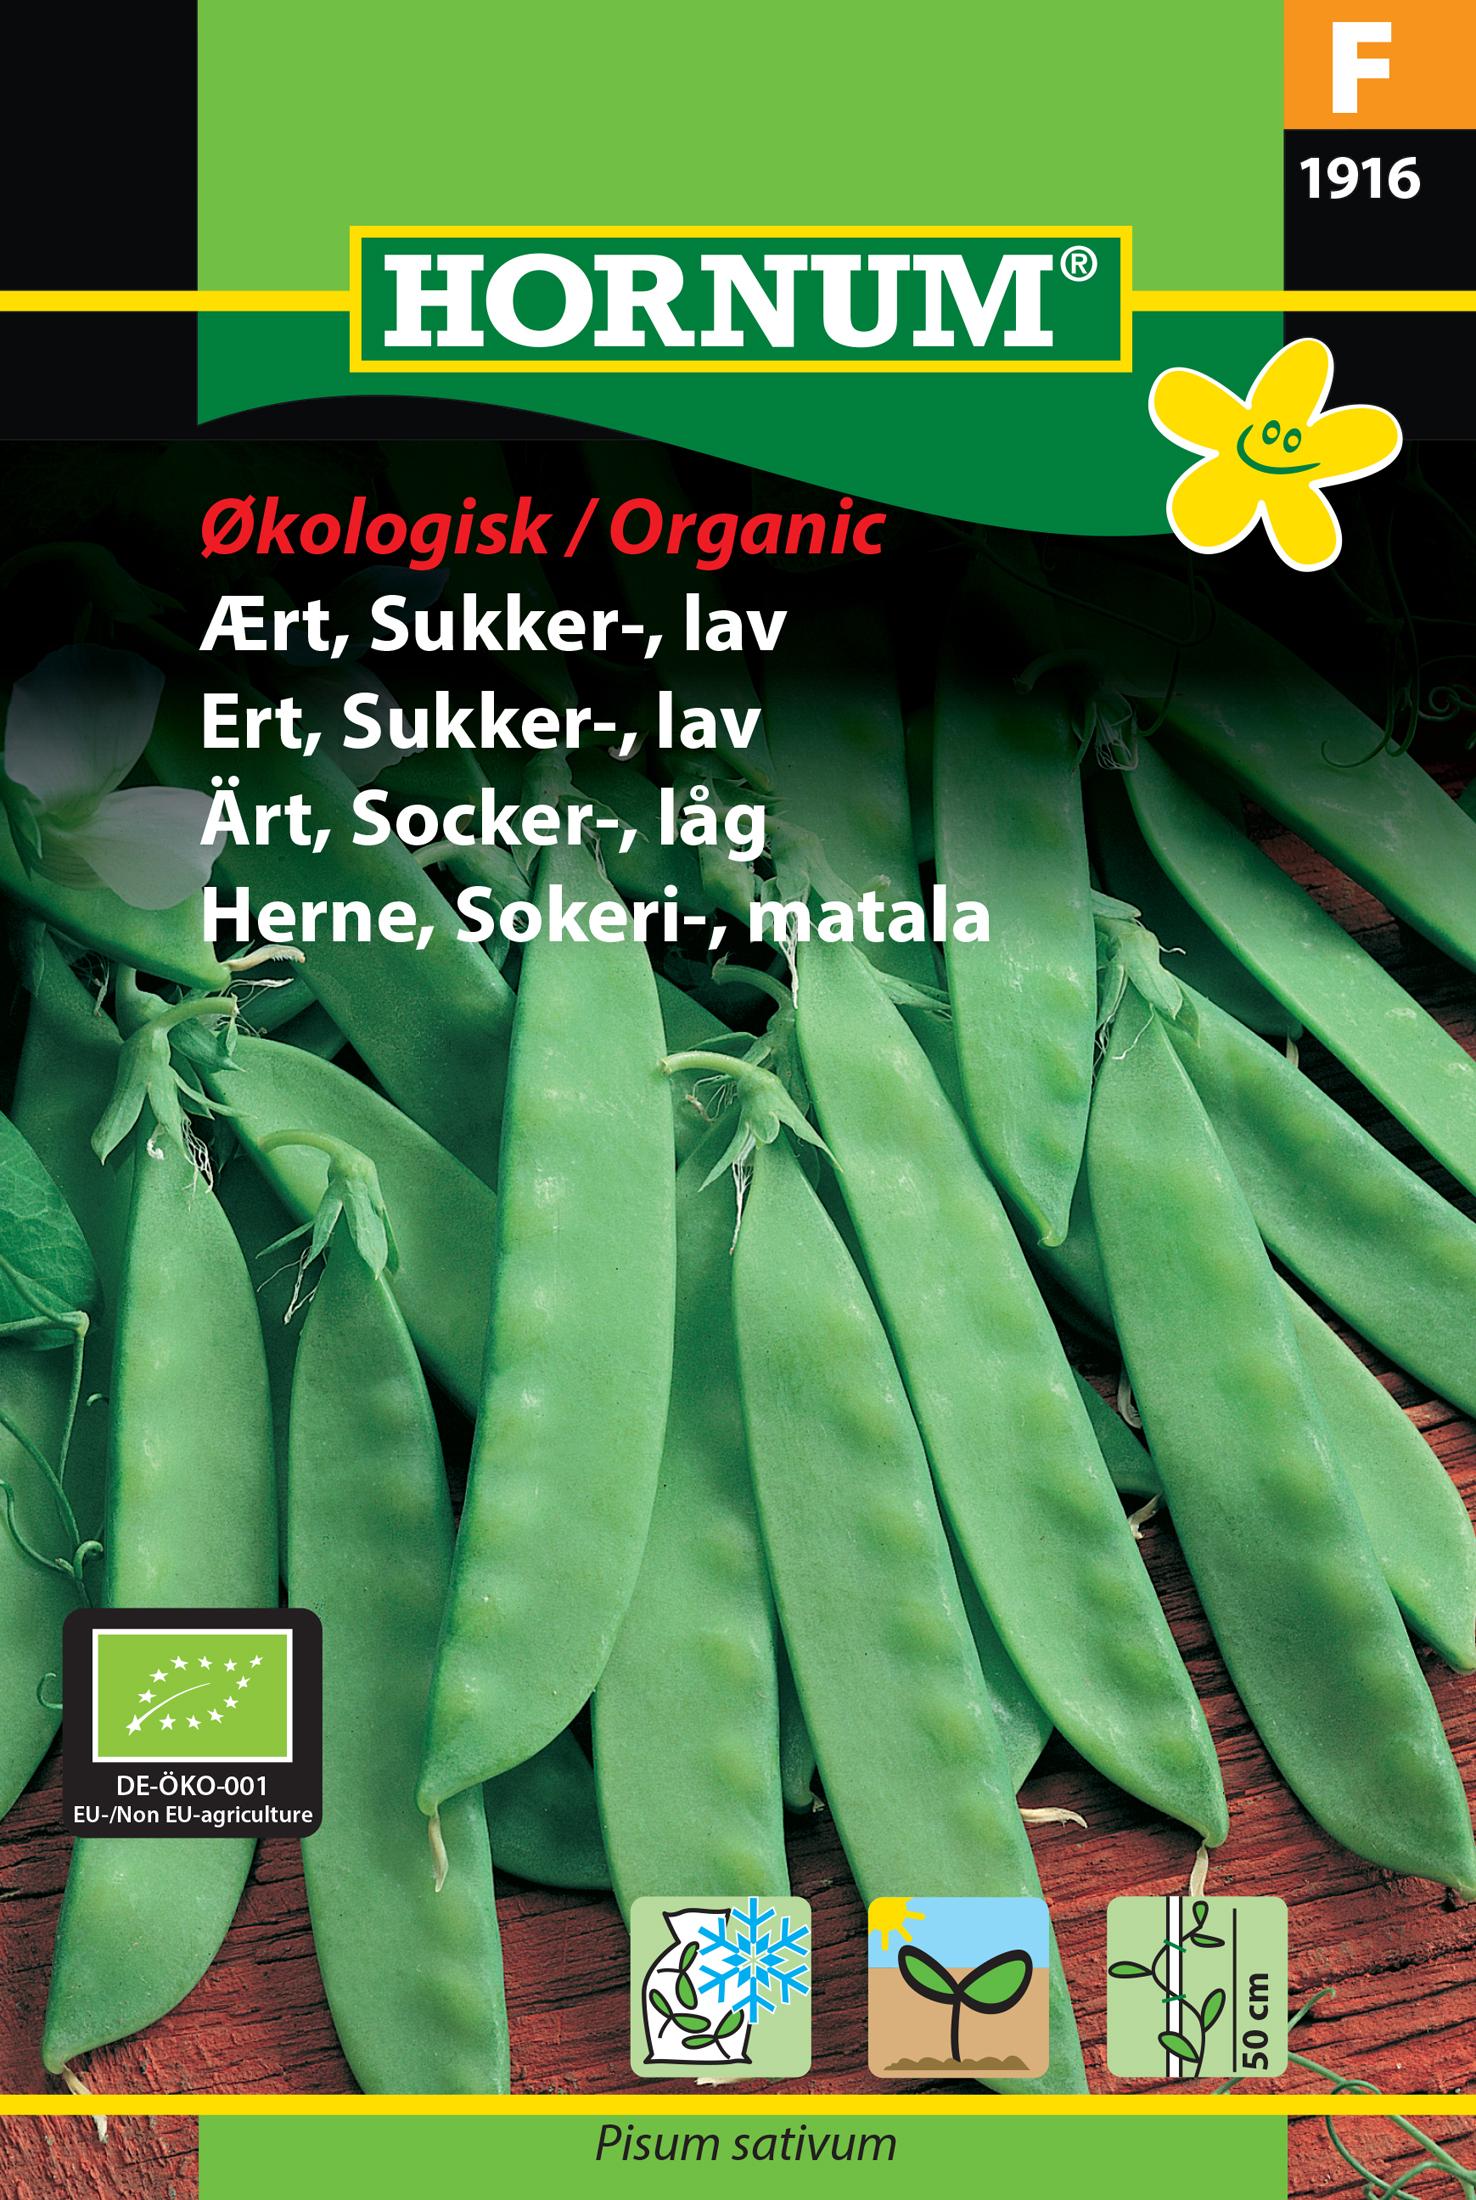 Ärt, Socker-, låg 'Norli' Organic